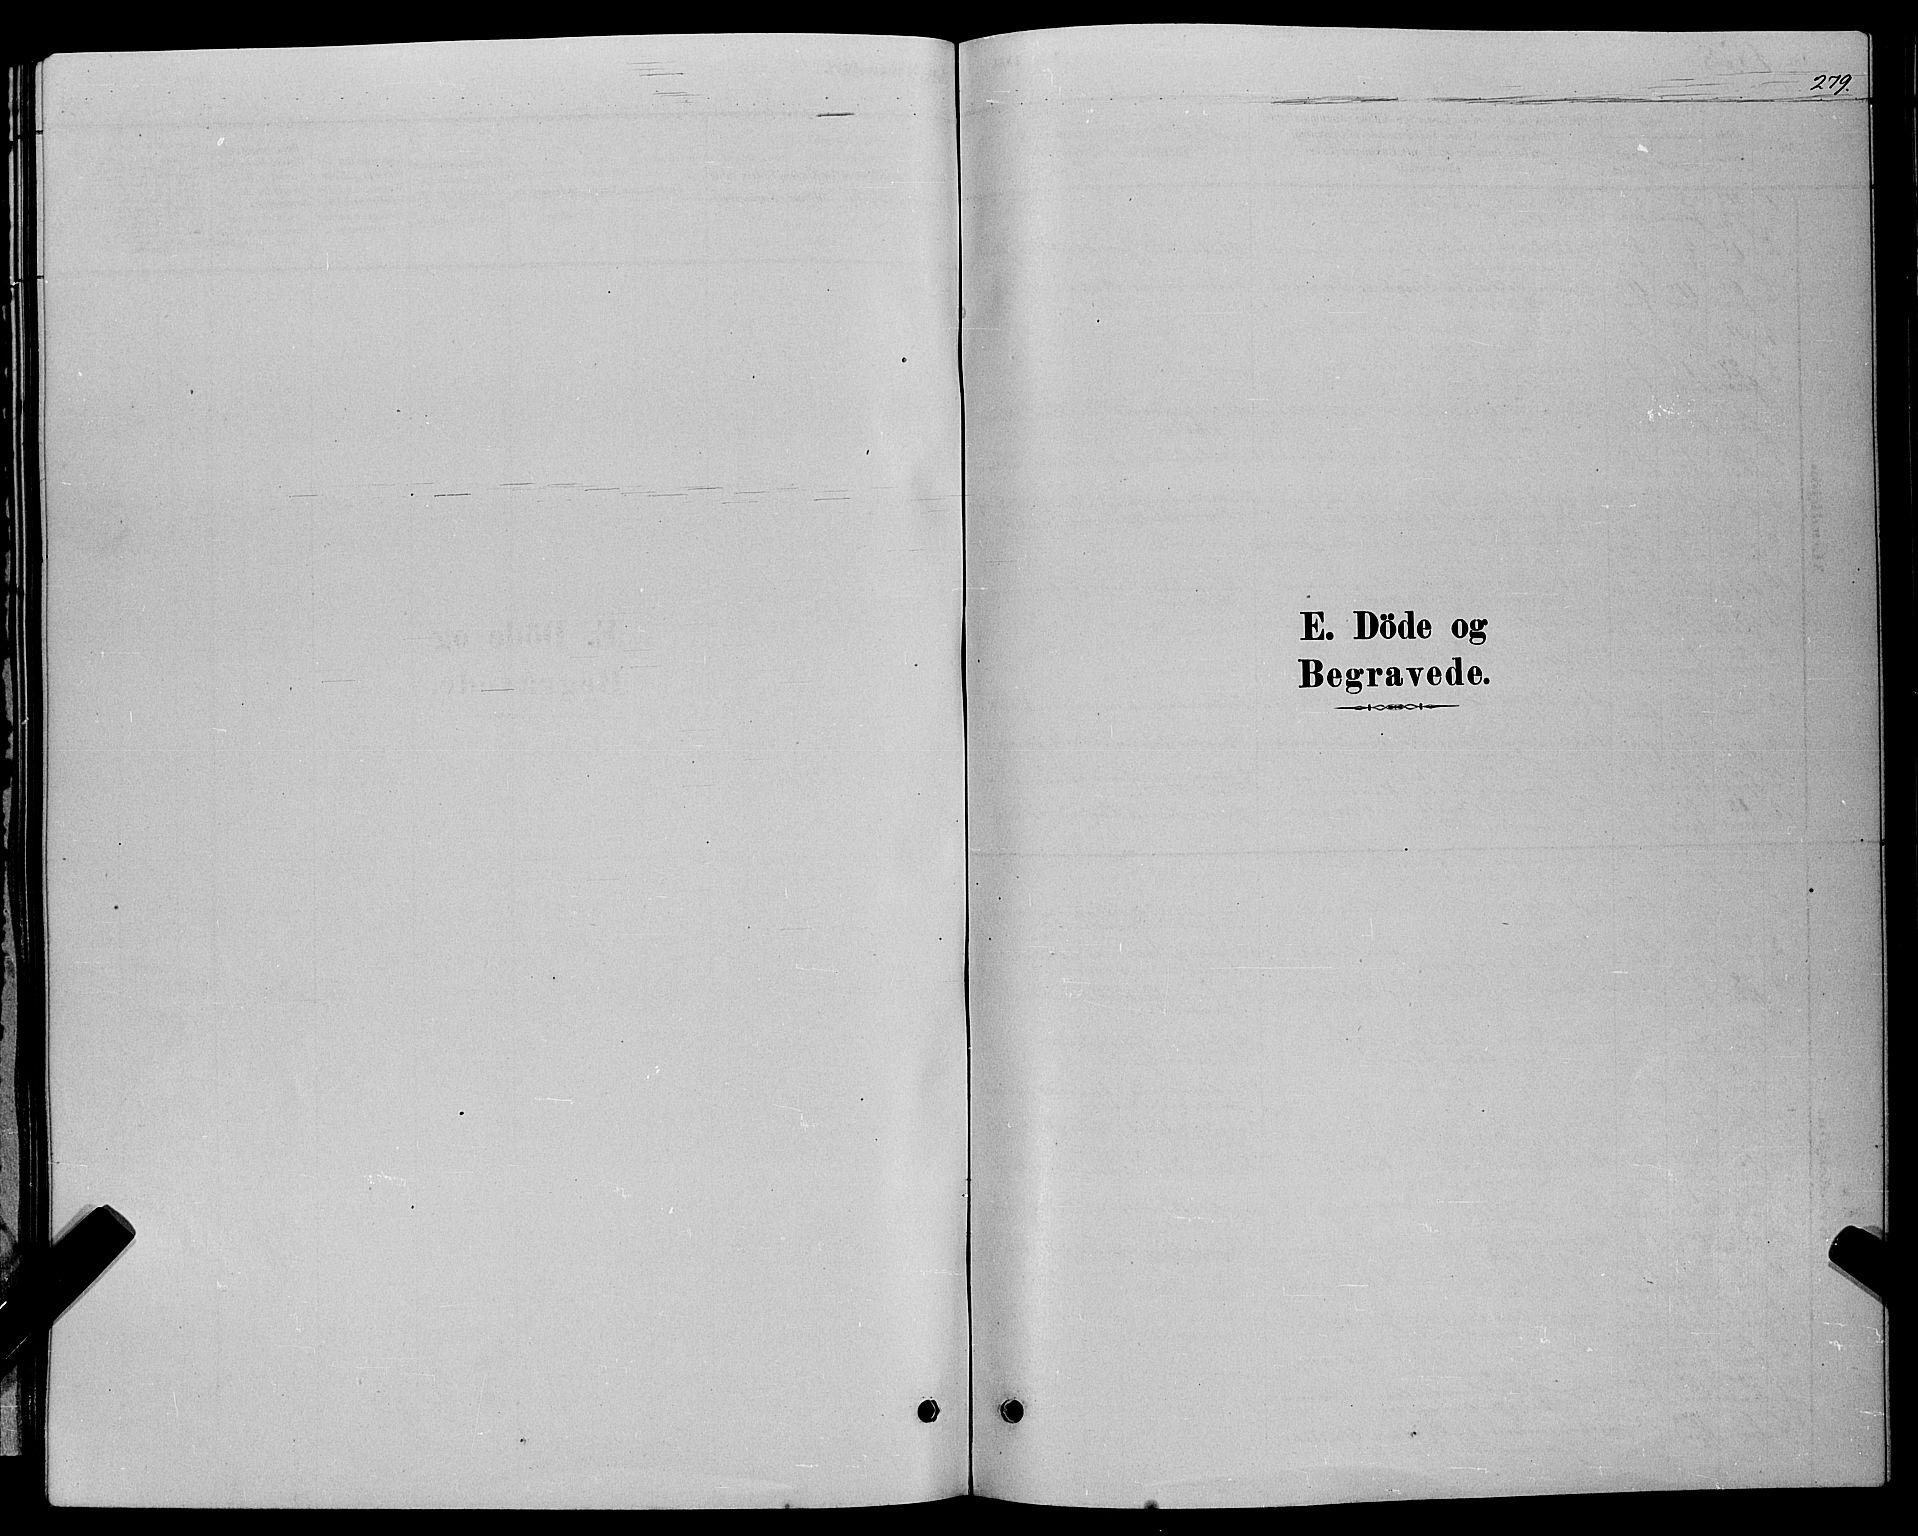 SAT, Ministerialprotokoller, klokkerbøker og fødselsregistre - Møre og Romsdal, 529/L0466: Klokkerbok nr. 529C03, 1878-1888, s. 279